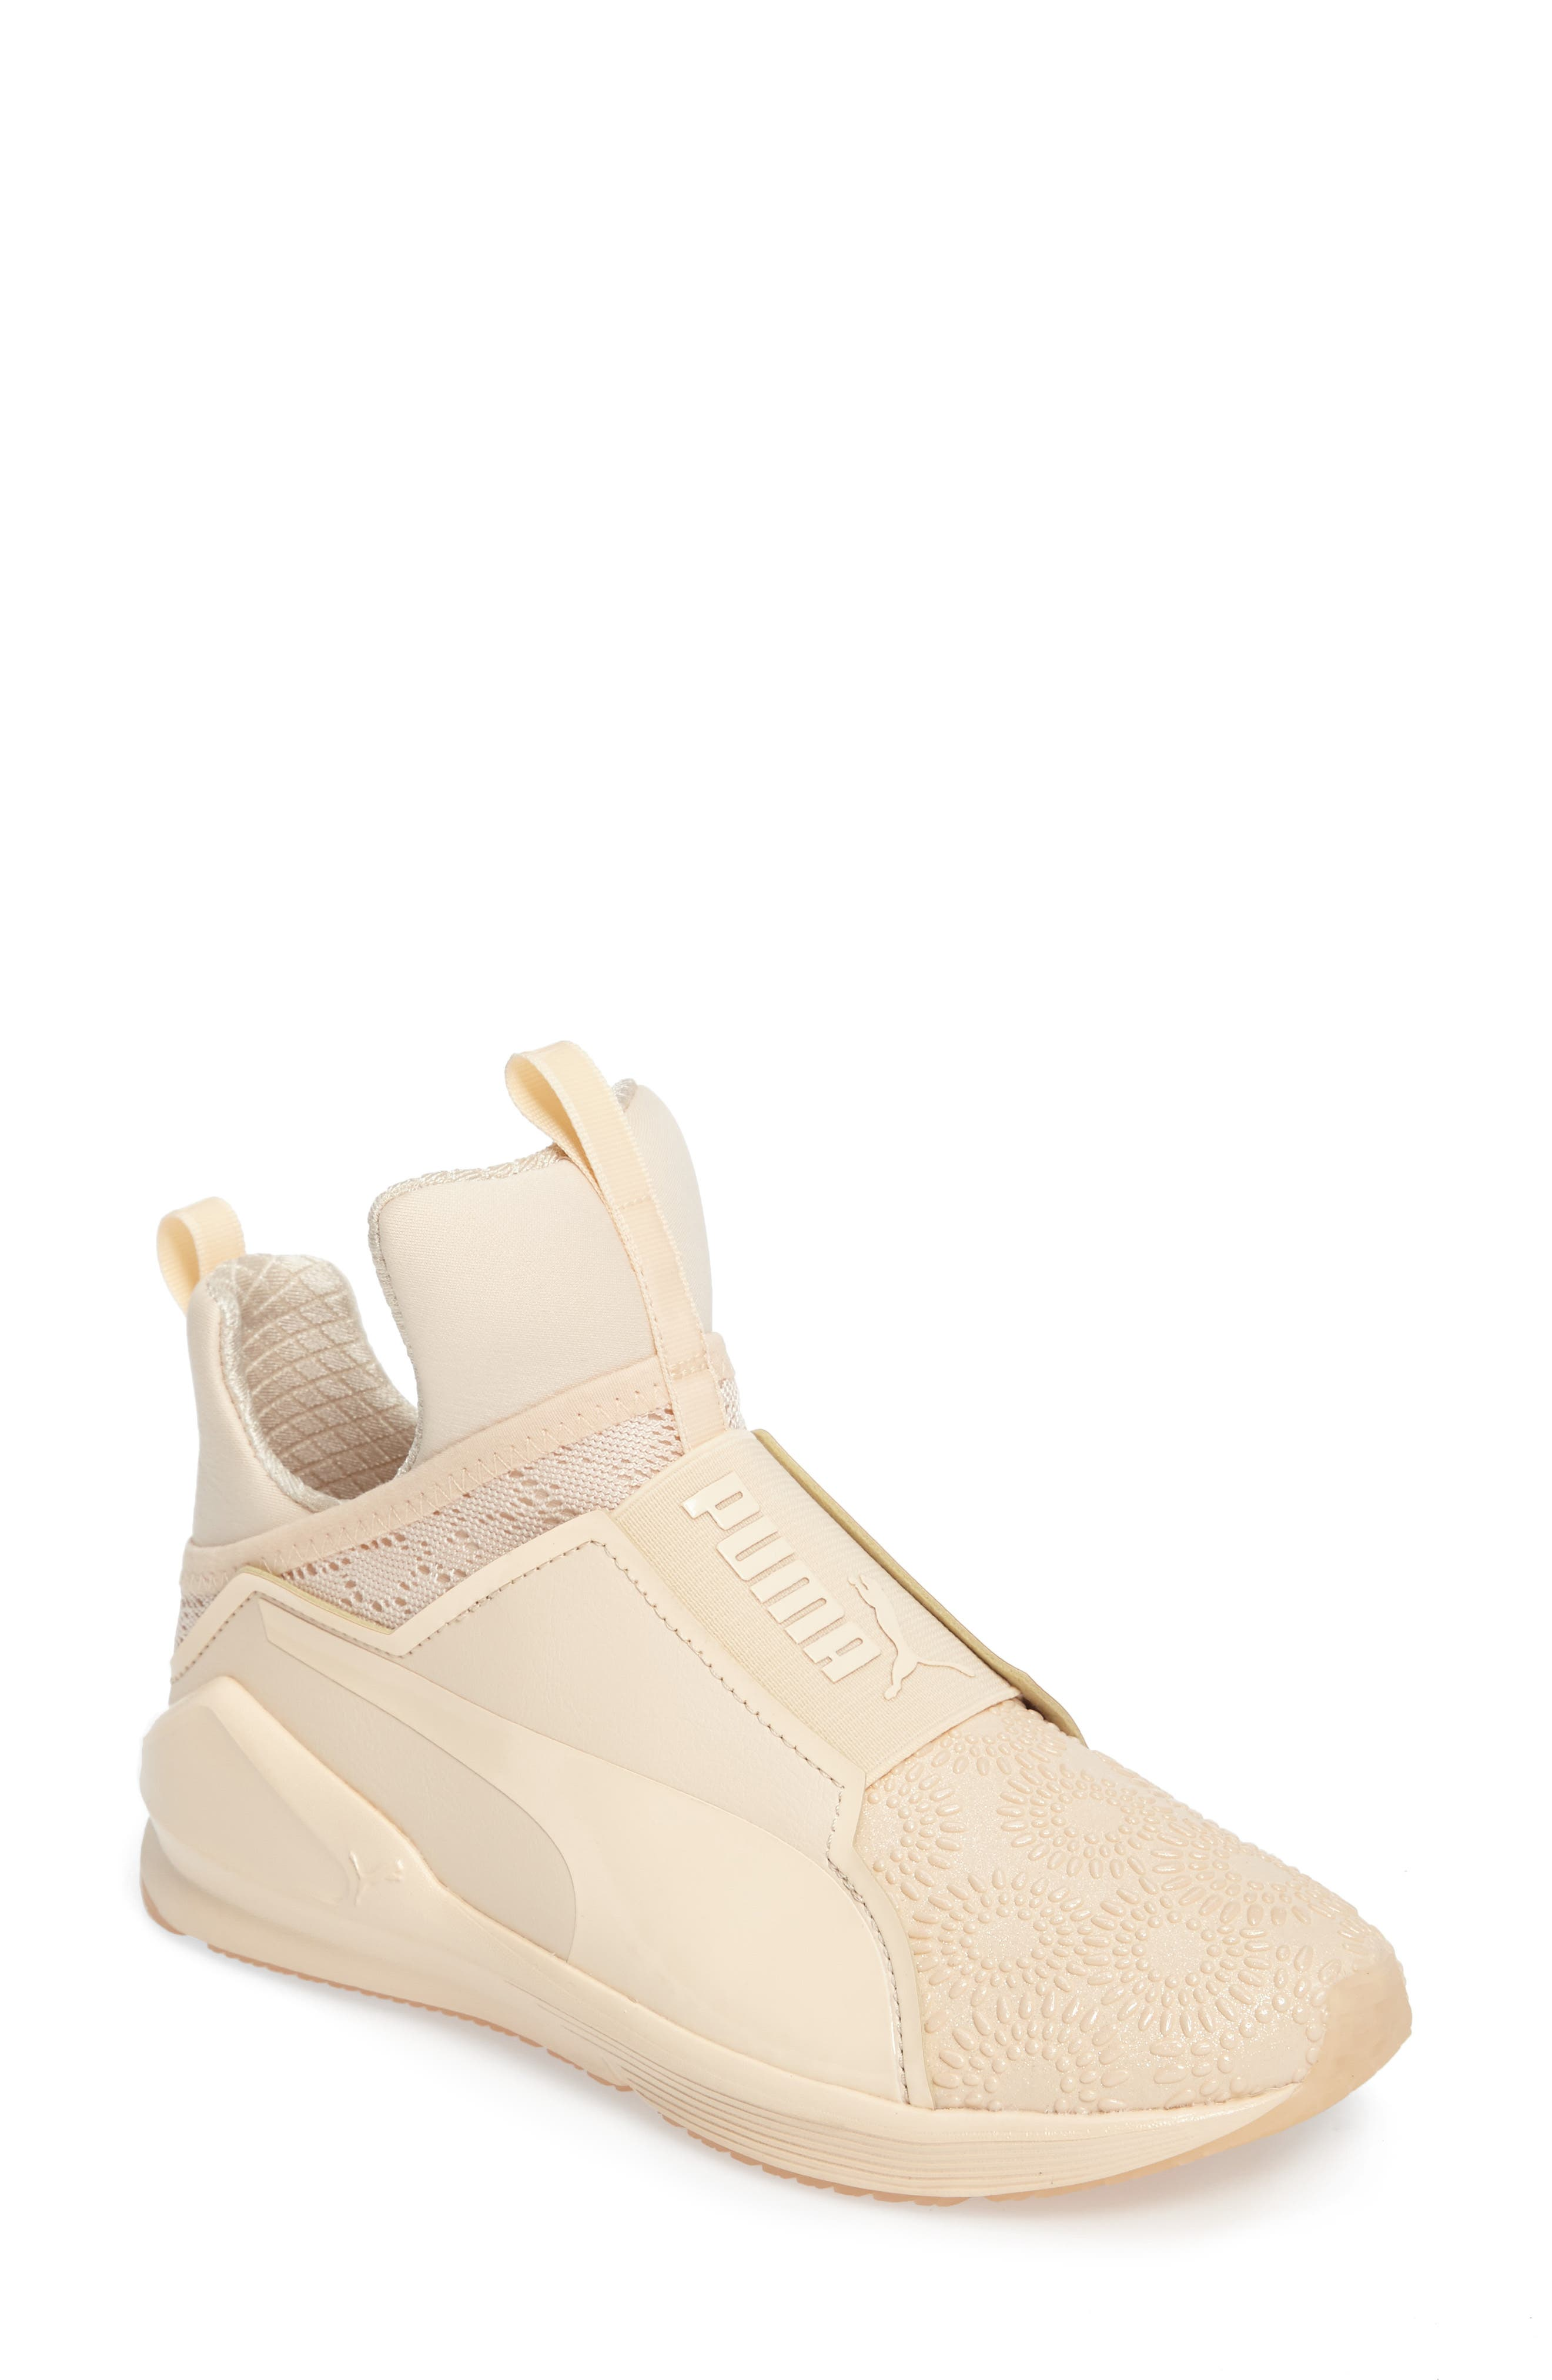 PUMA Fierce KRM High Top Sneaker (Women)